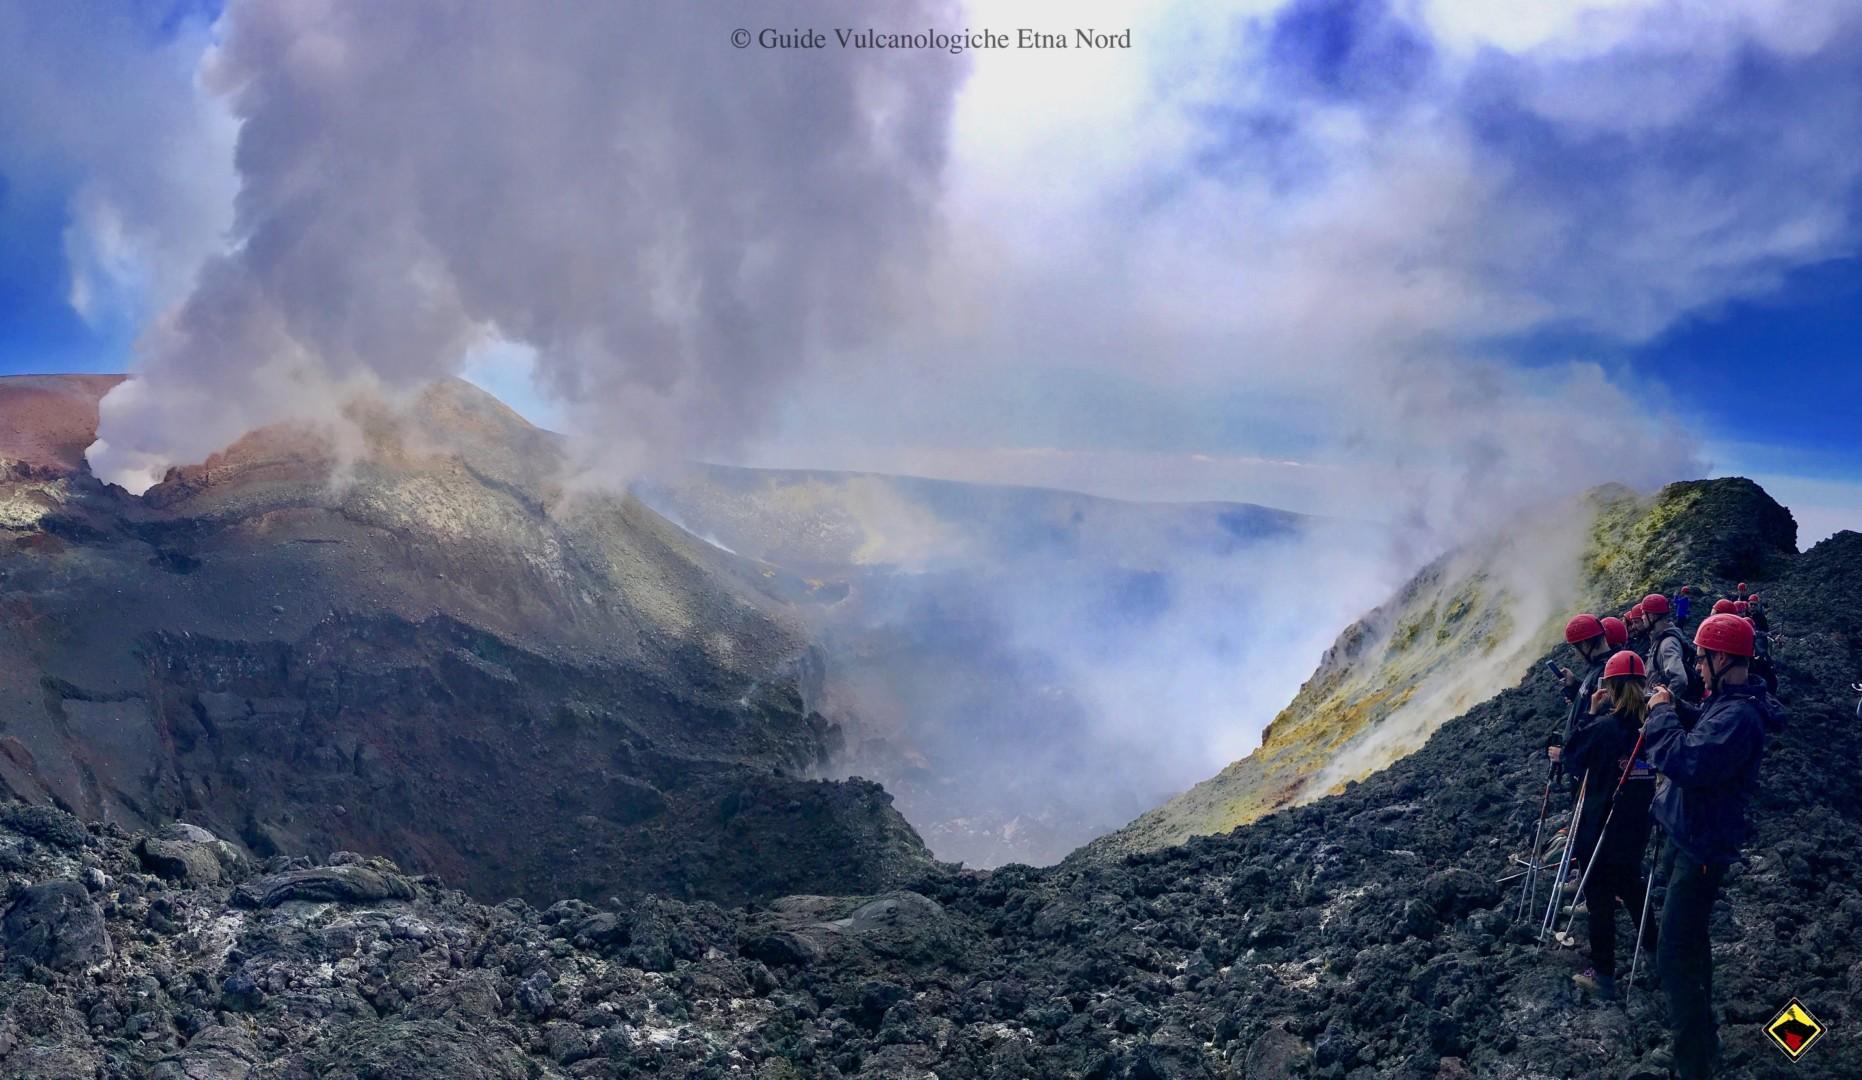 Escursione ai Crateri Sommitali Etna Nord   Jeep 4×4 andata e ritorno